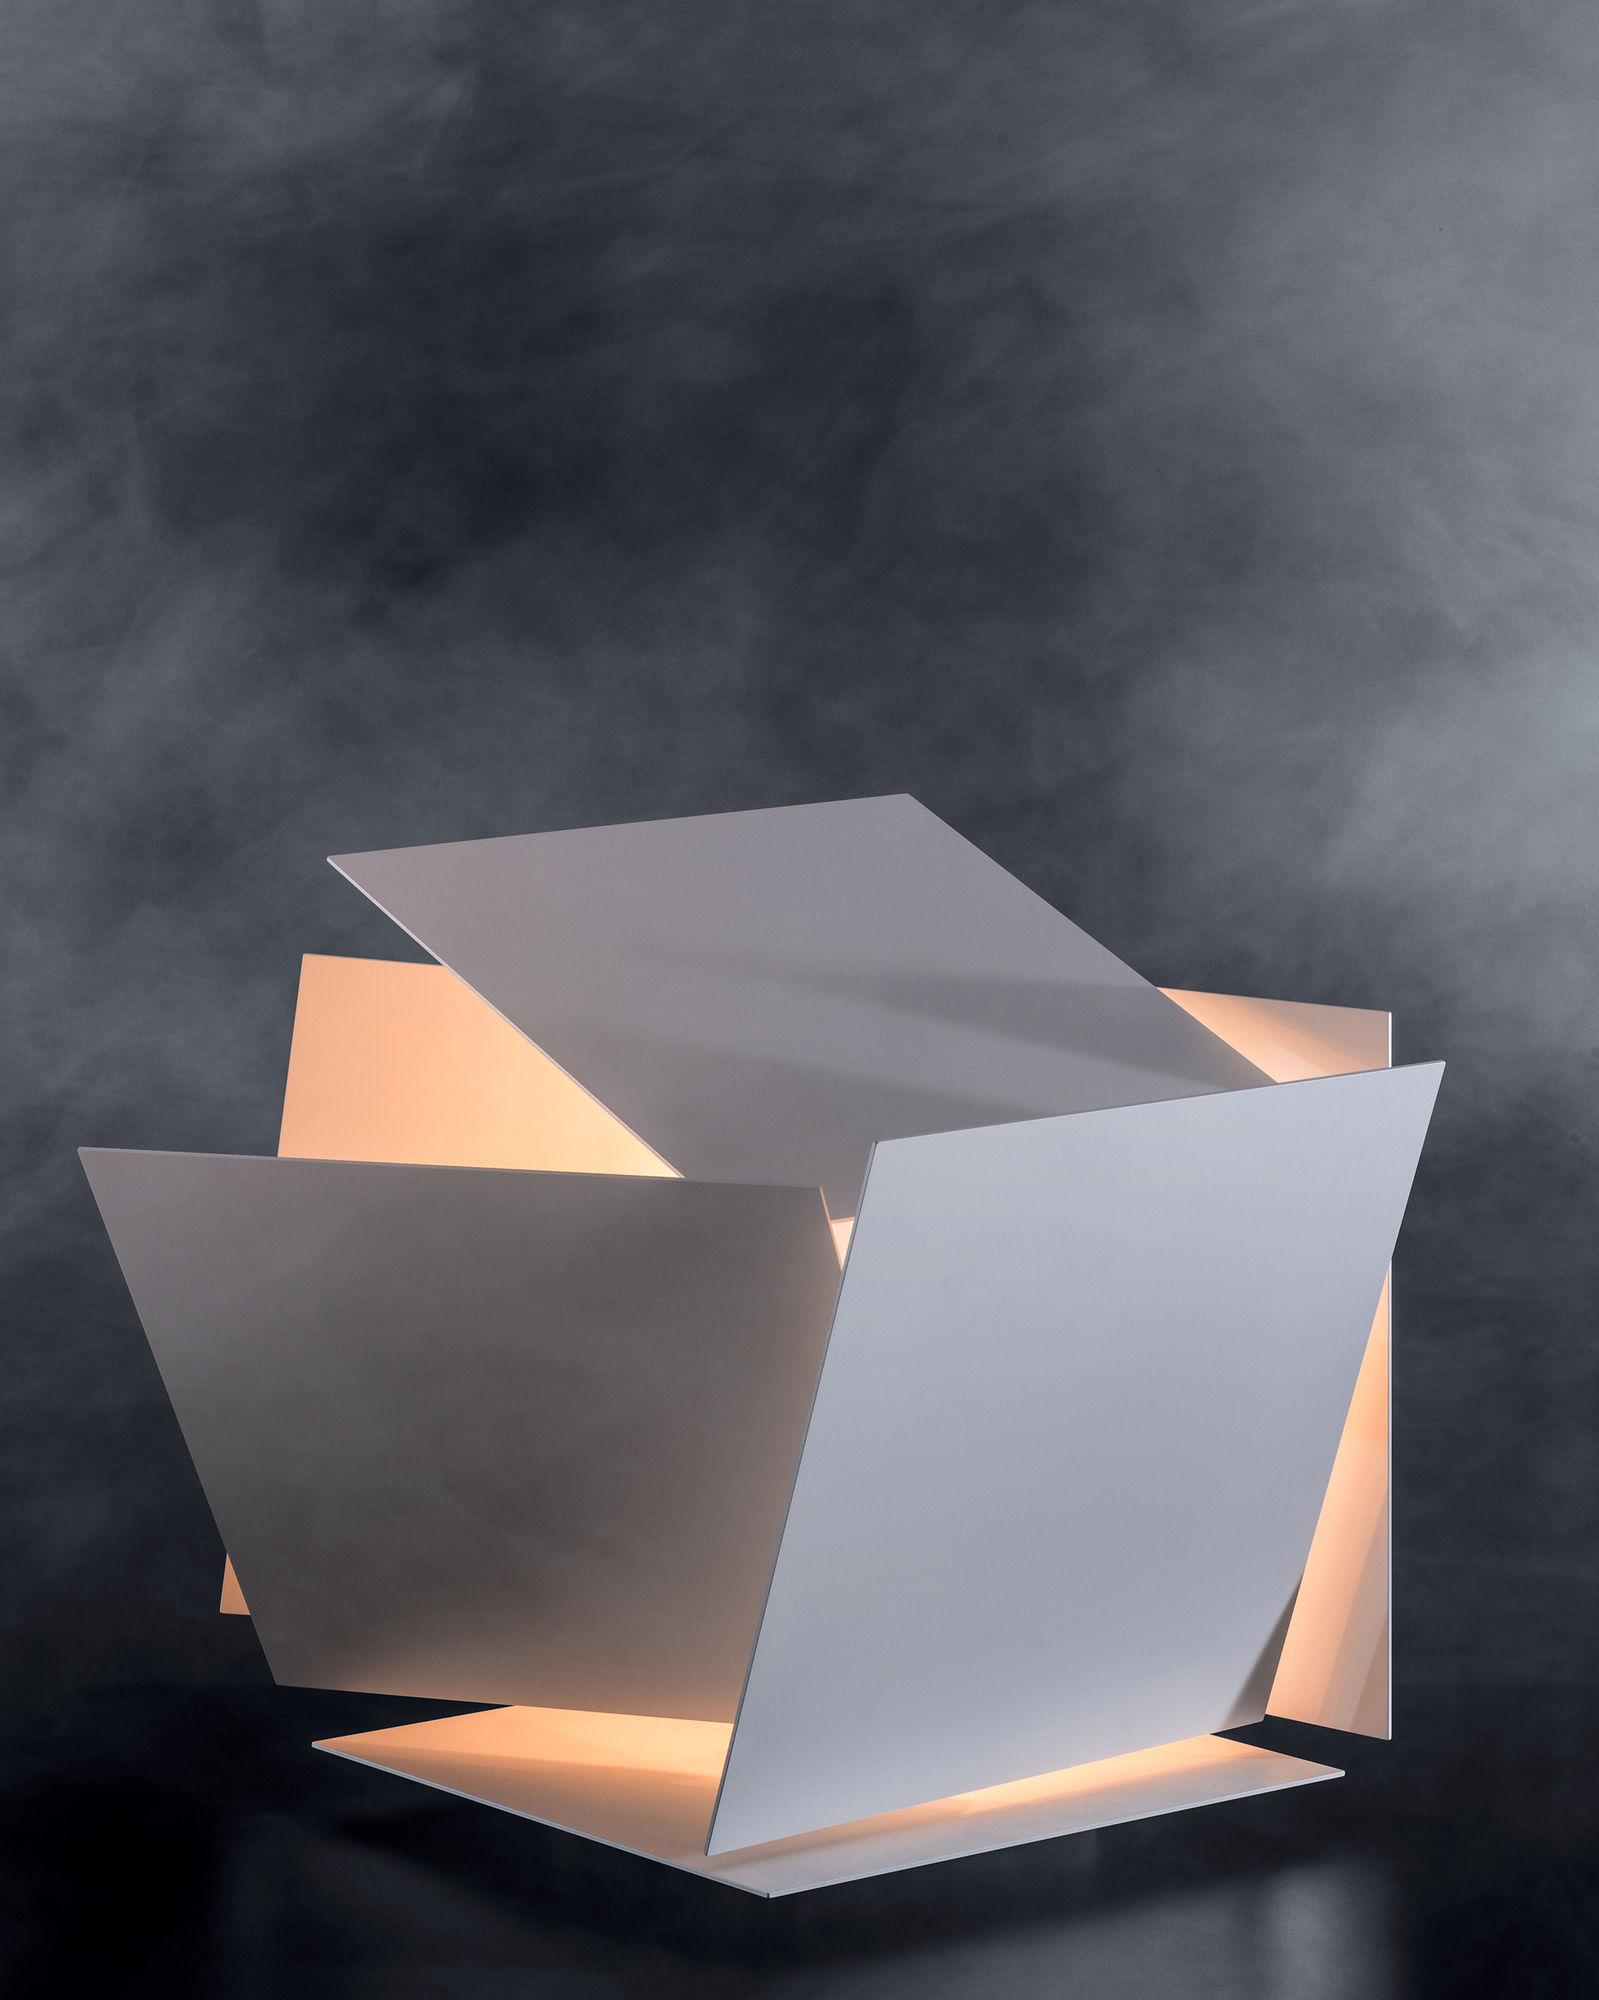 Modular Light by Robert Hoffmann